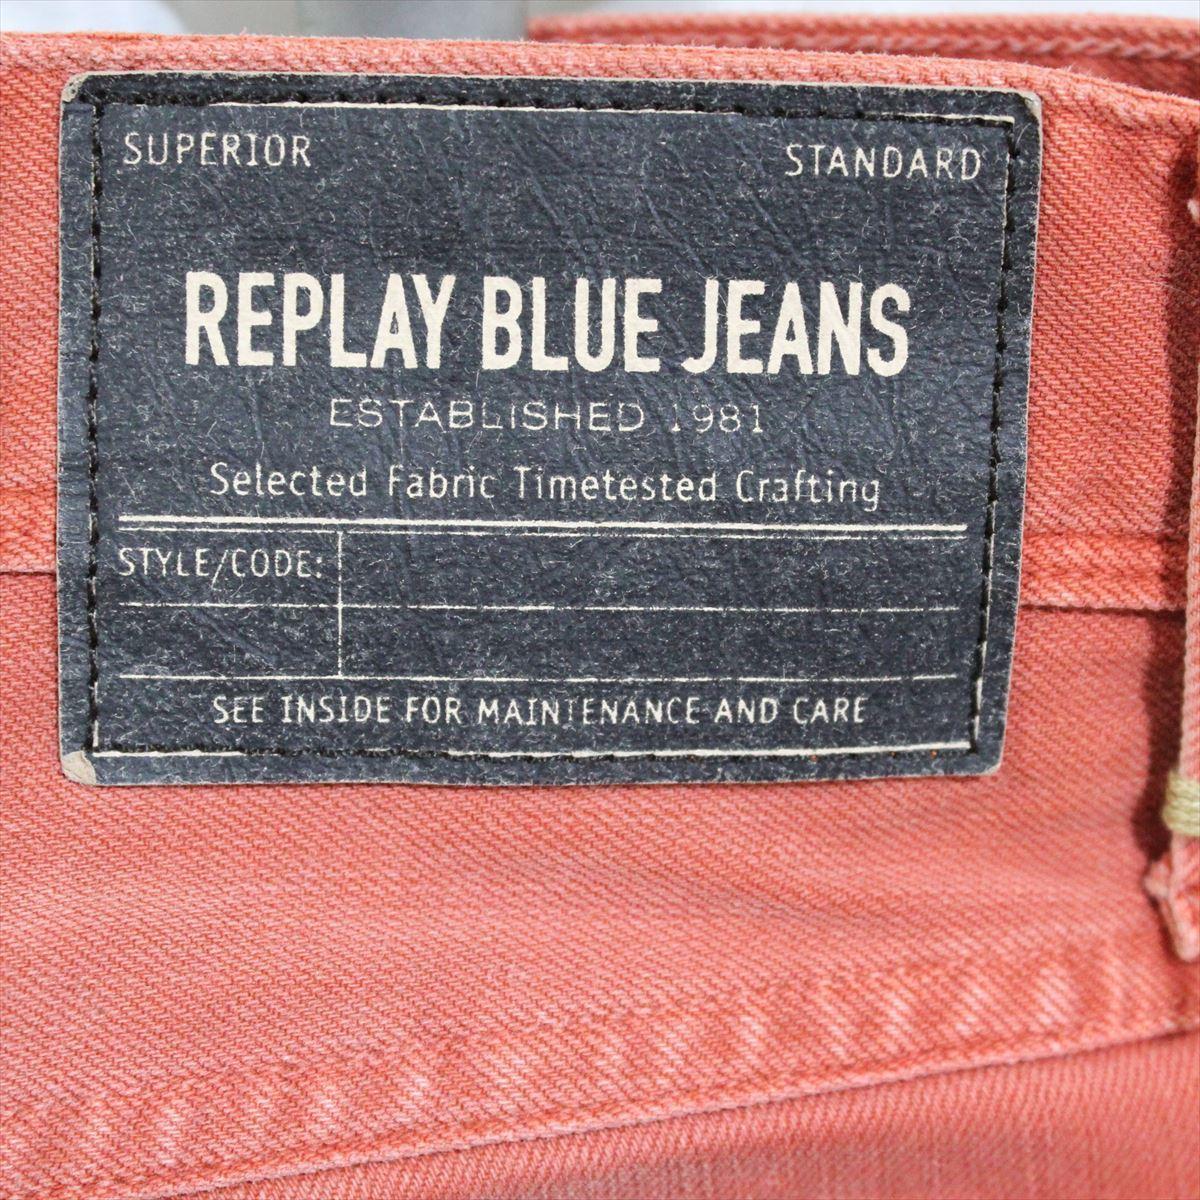 リプレイ REPLAY メンズカラーパンツ ジーンズ デニムパンツ SLIM レンガ色 29インチ 新品 REPLAY BLUE JEANS anbass slim jeans_画像5